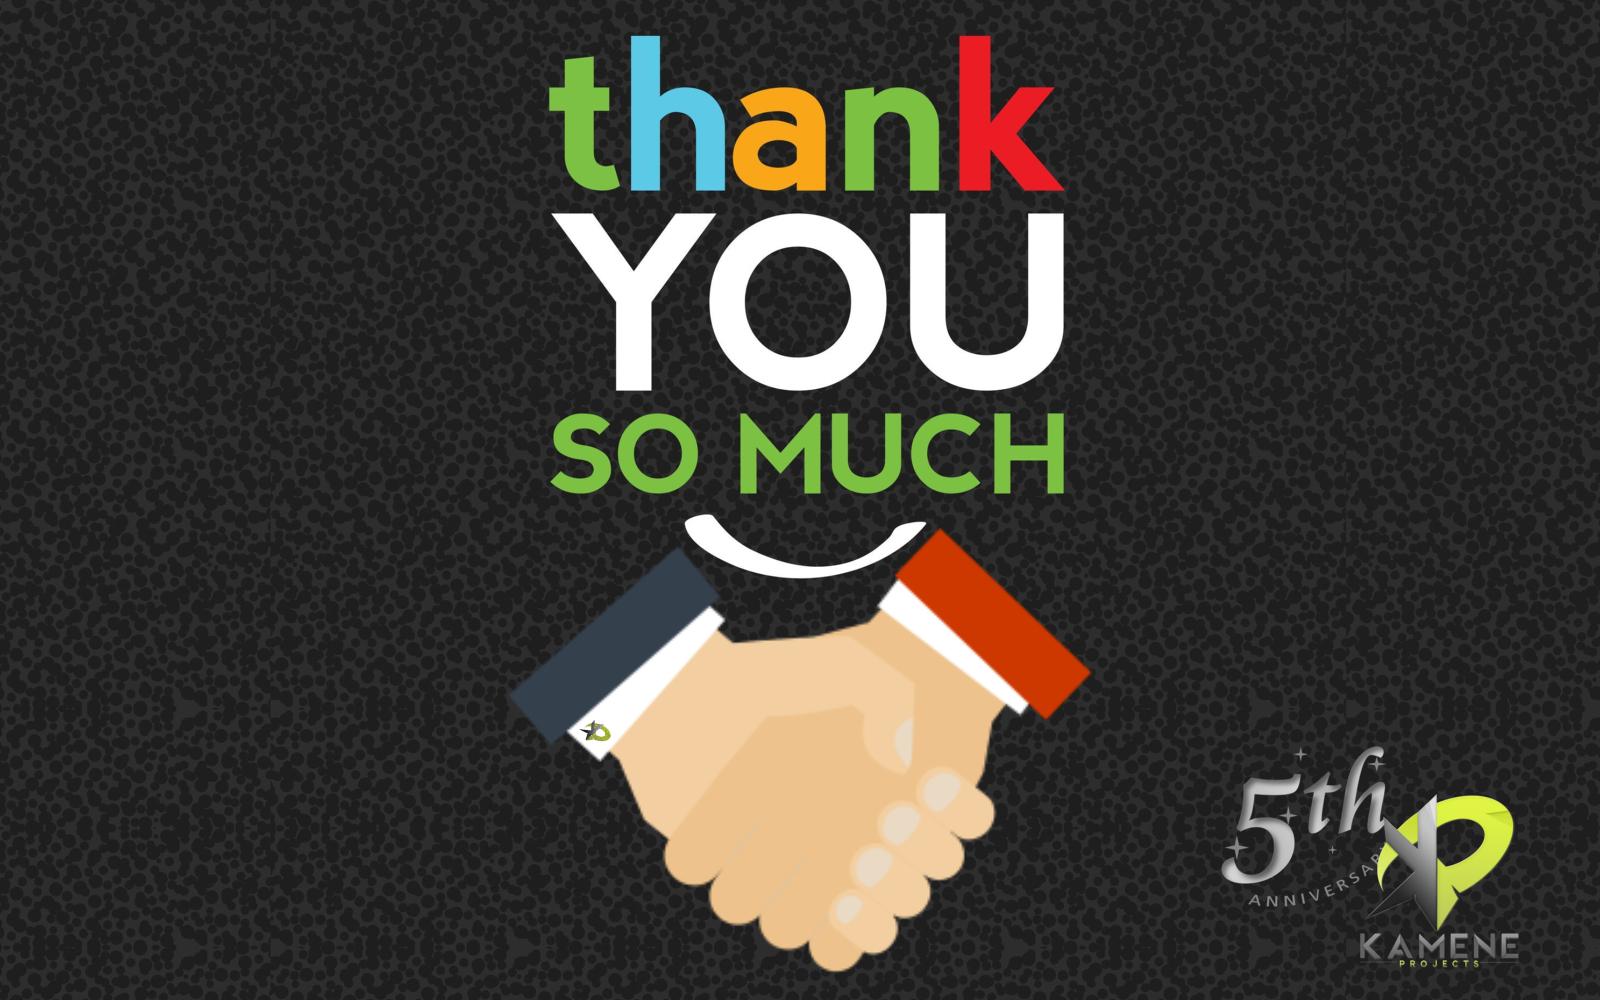 aniversario nº5 consultoría agencia marketing digital alicante kamene projects gracias